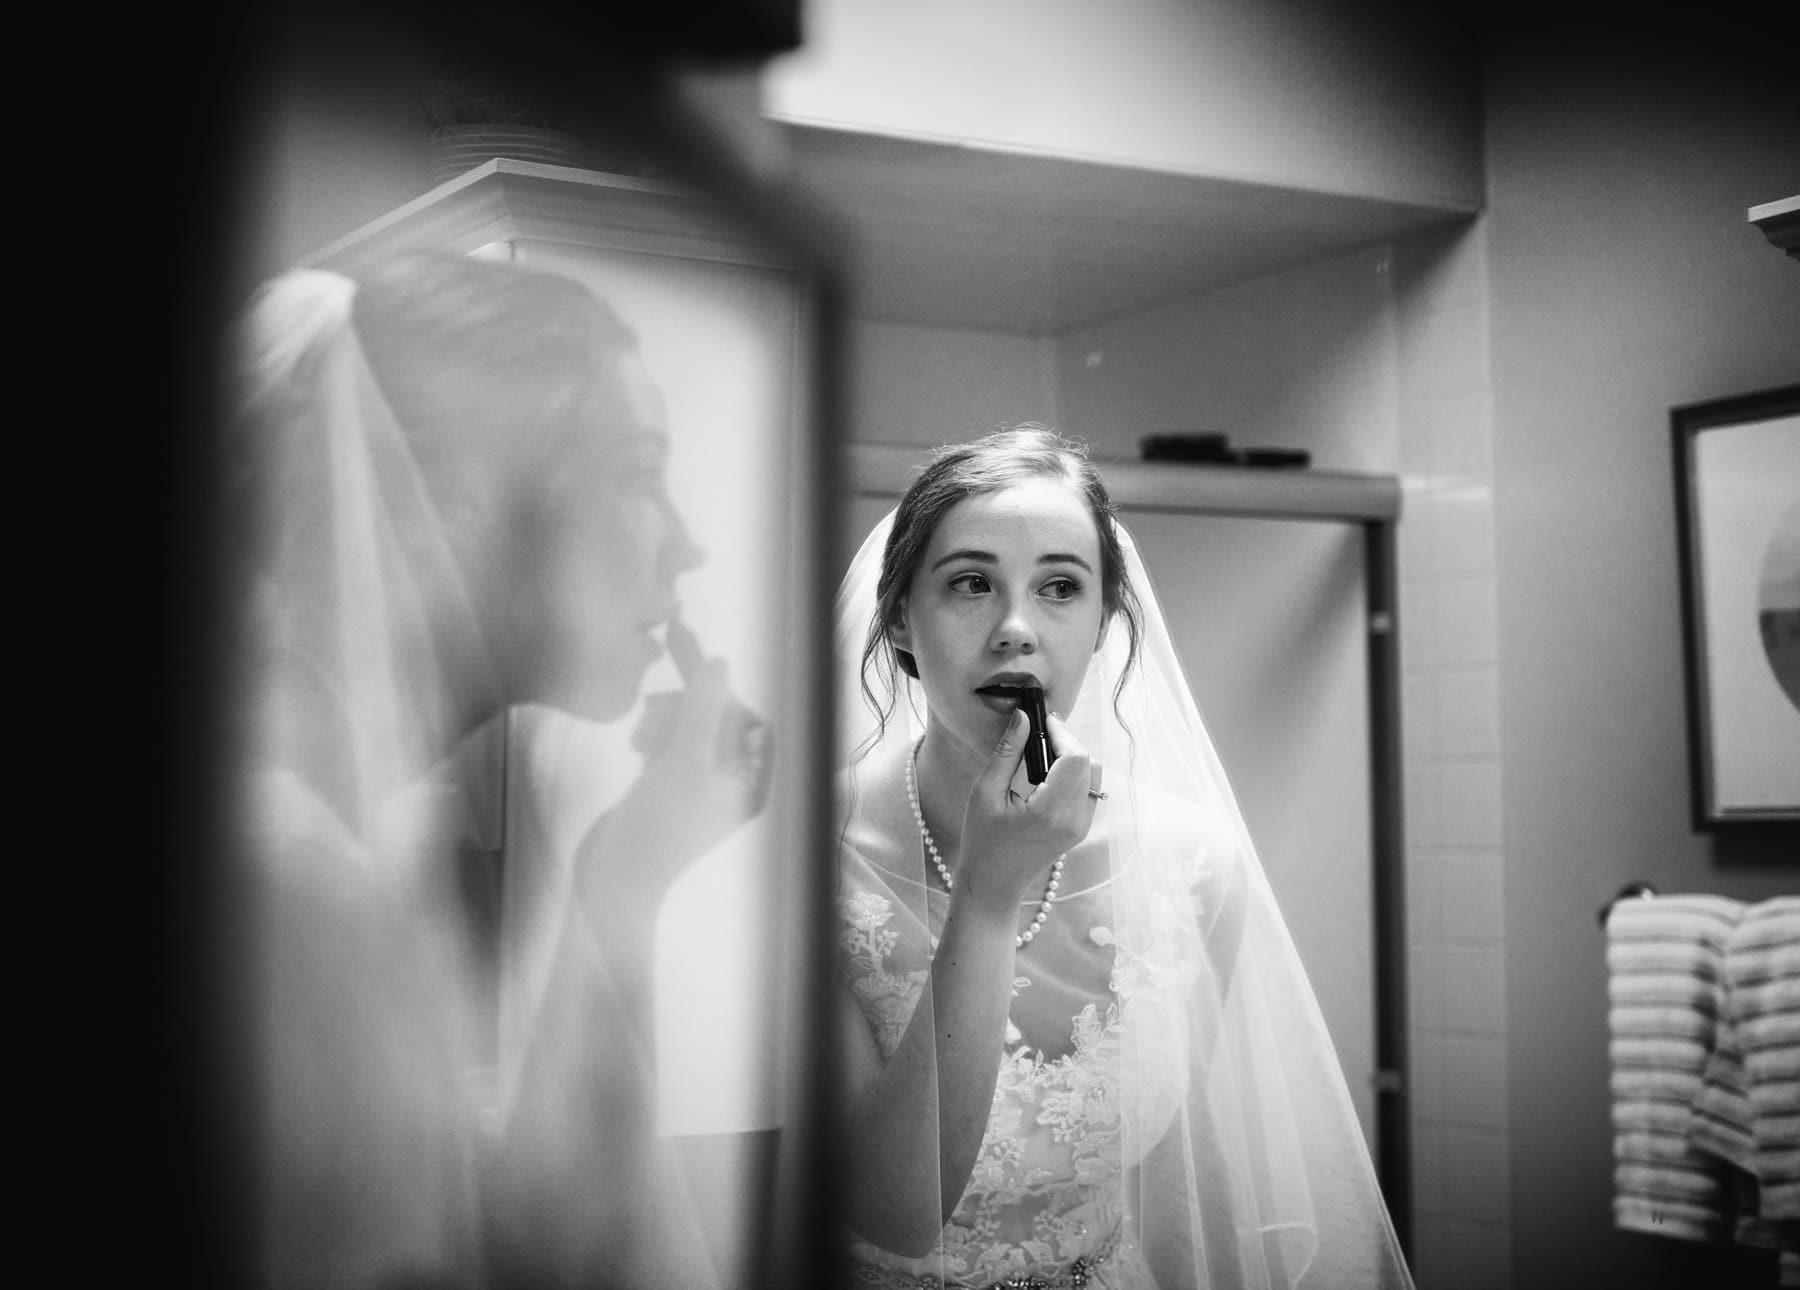 B+W photo of bride getting ready